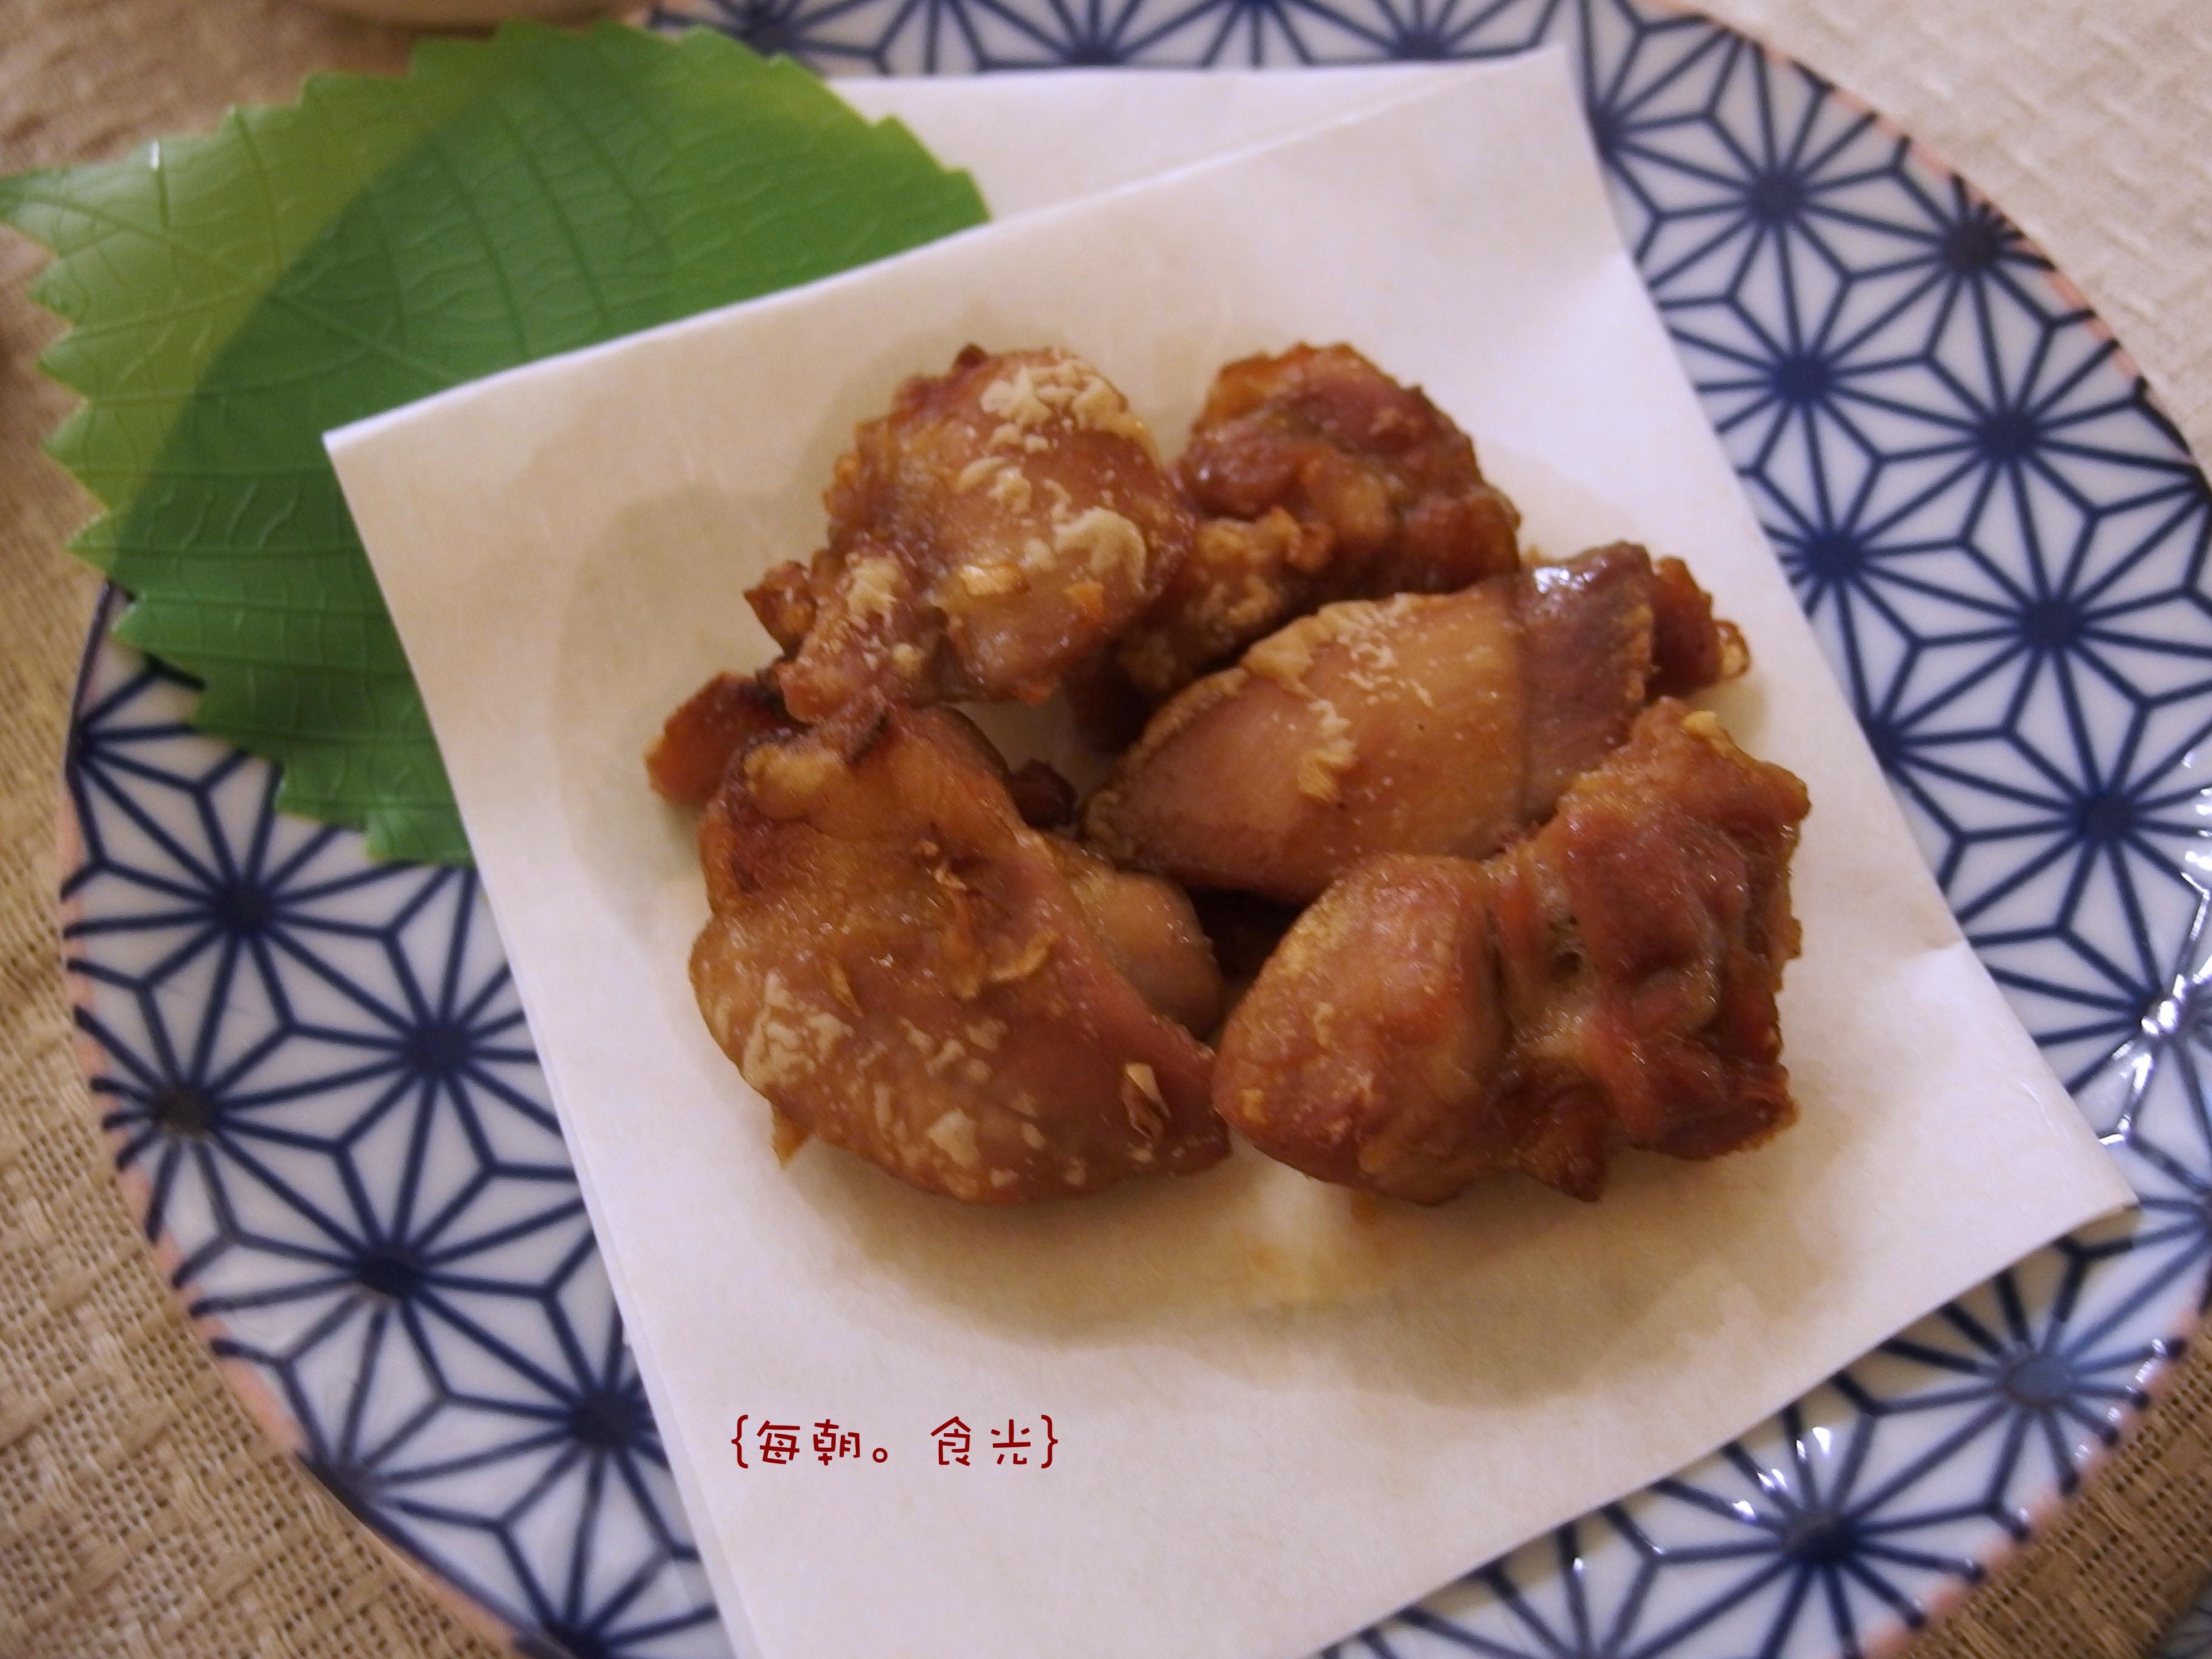 烤箱版~日式炸雞 (から揚げ)